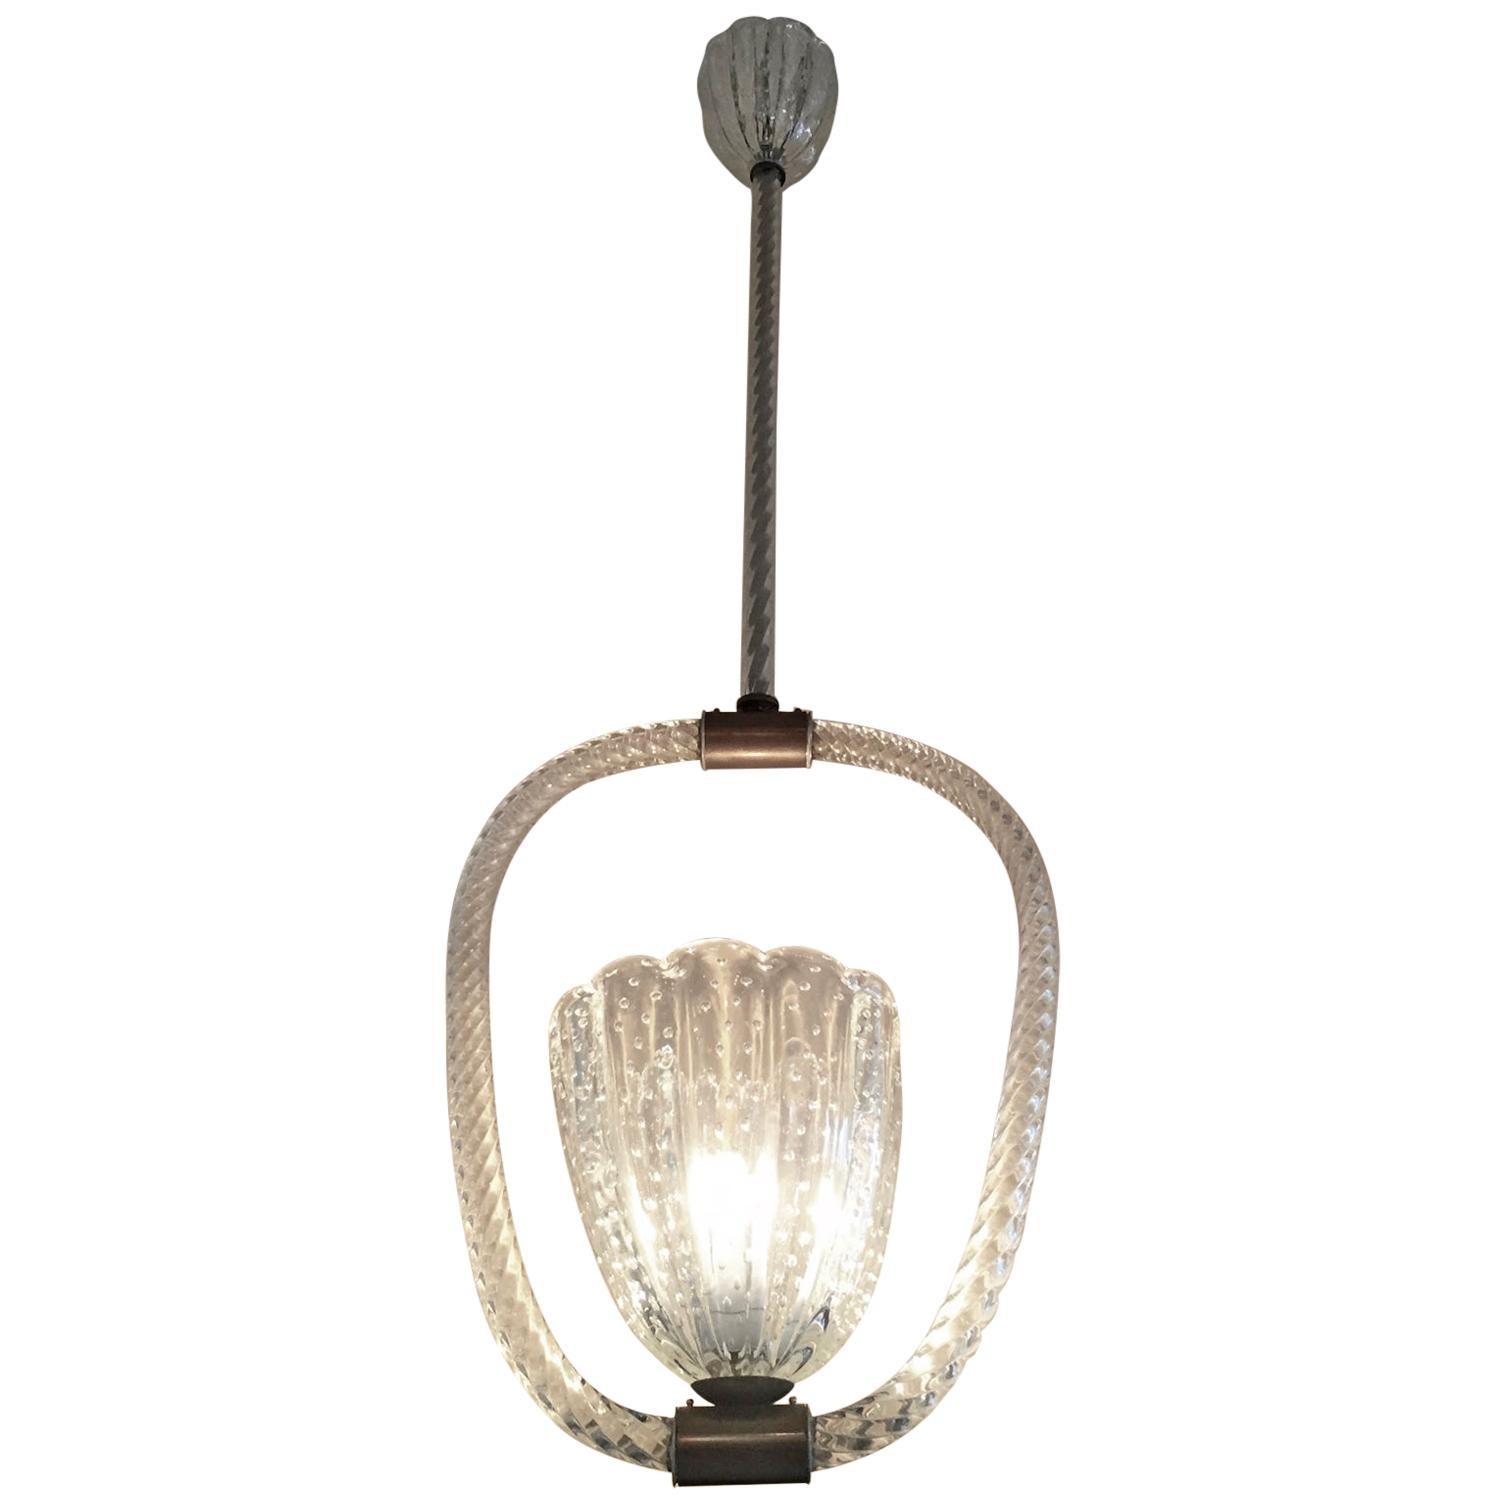 1920s-1940s Barovier Murano Glass Pendant Light